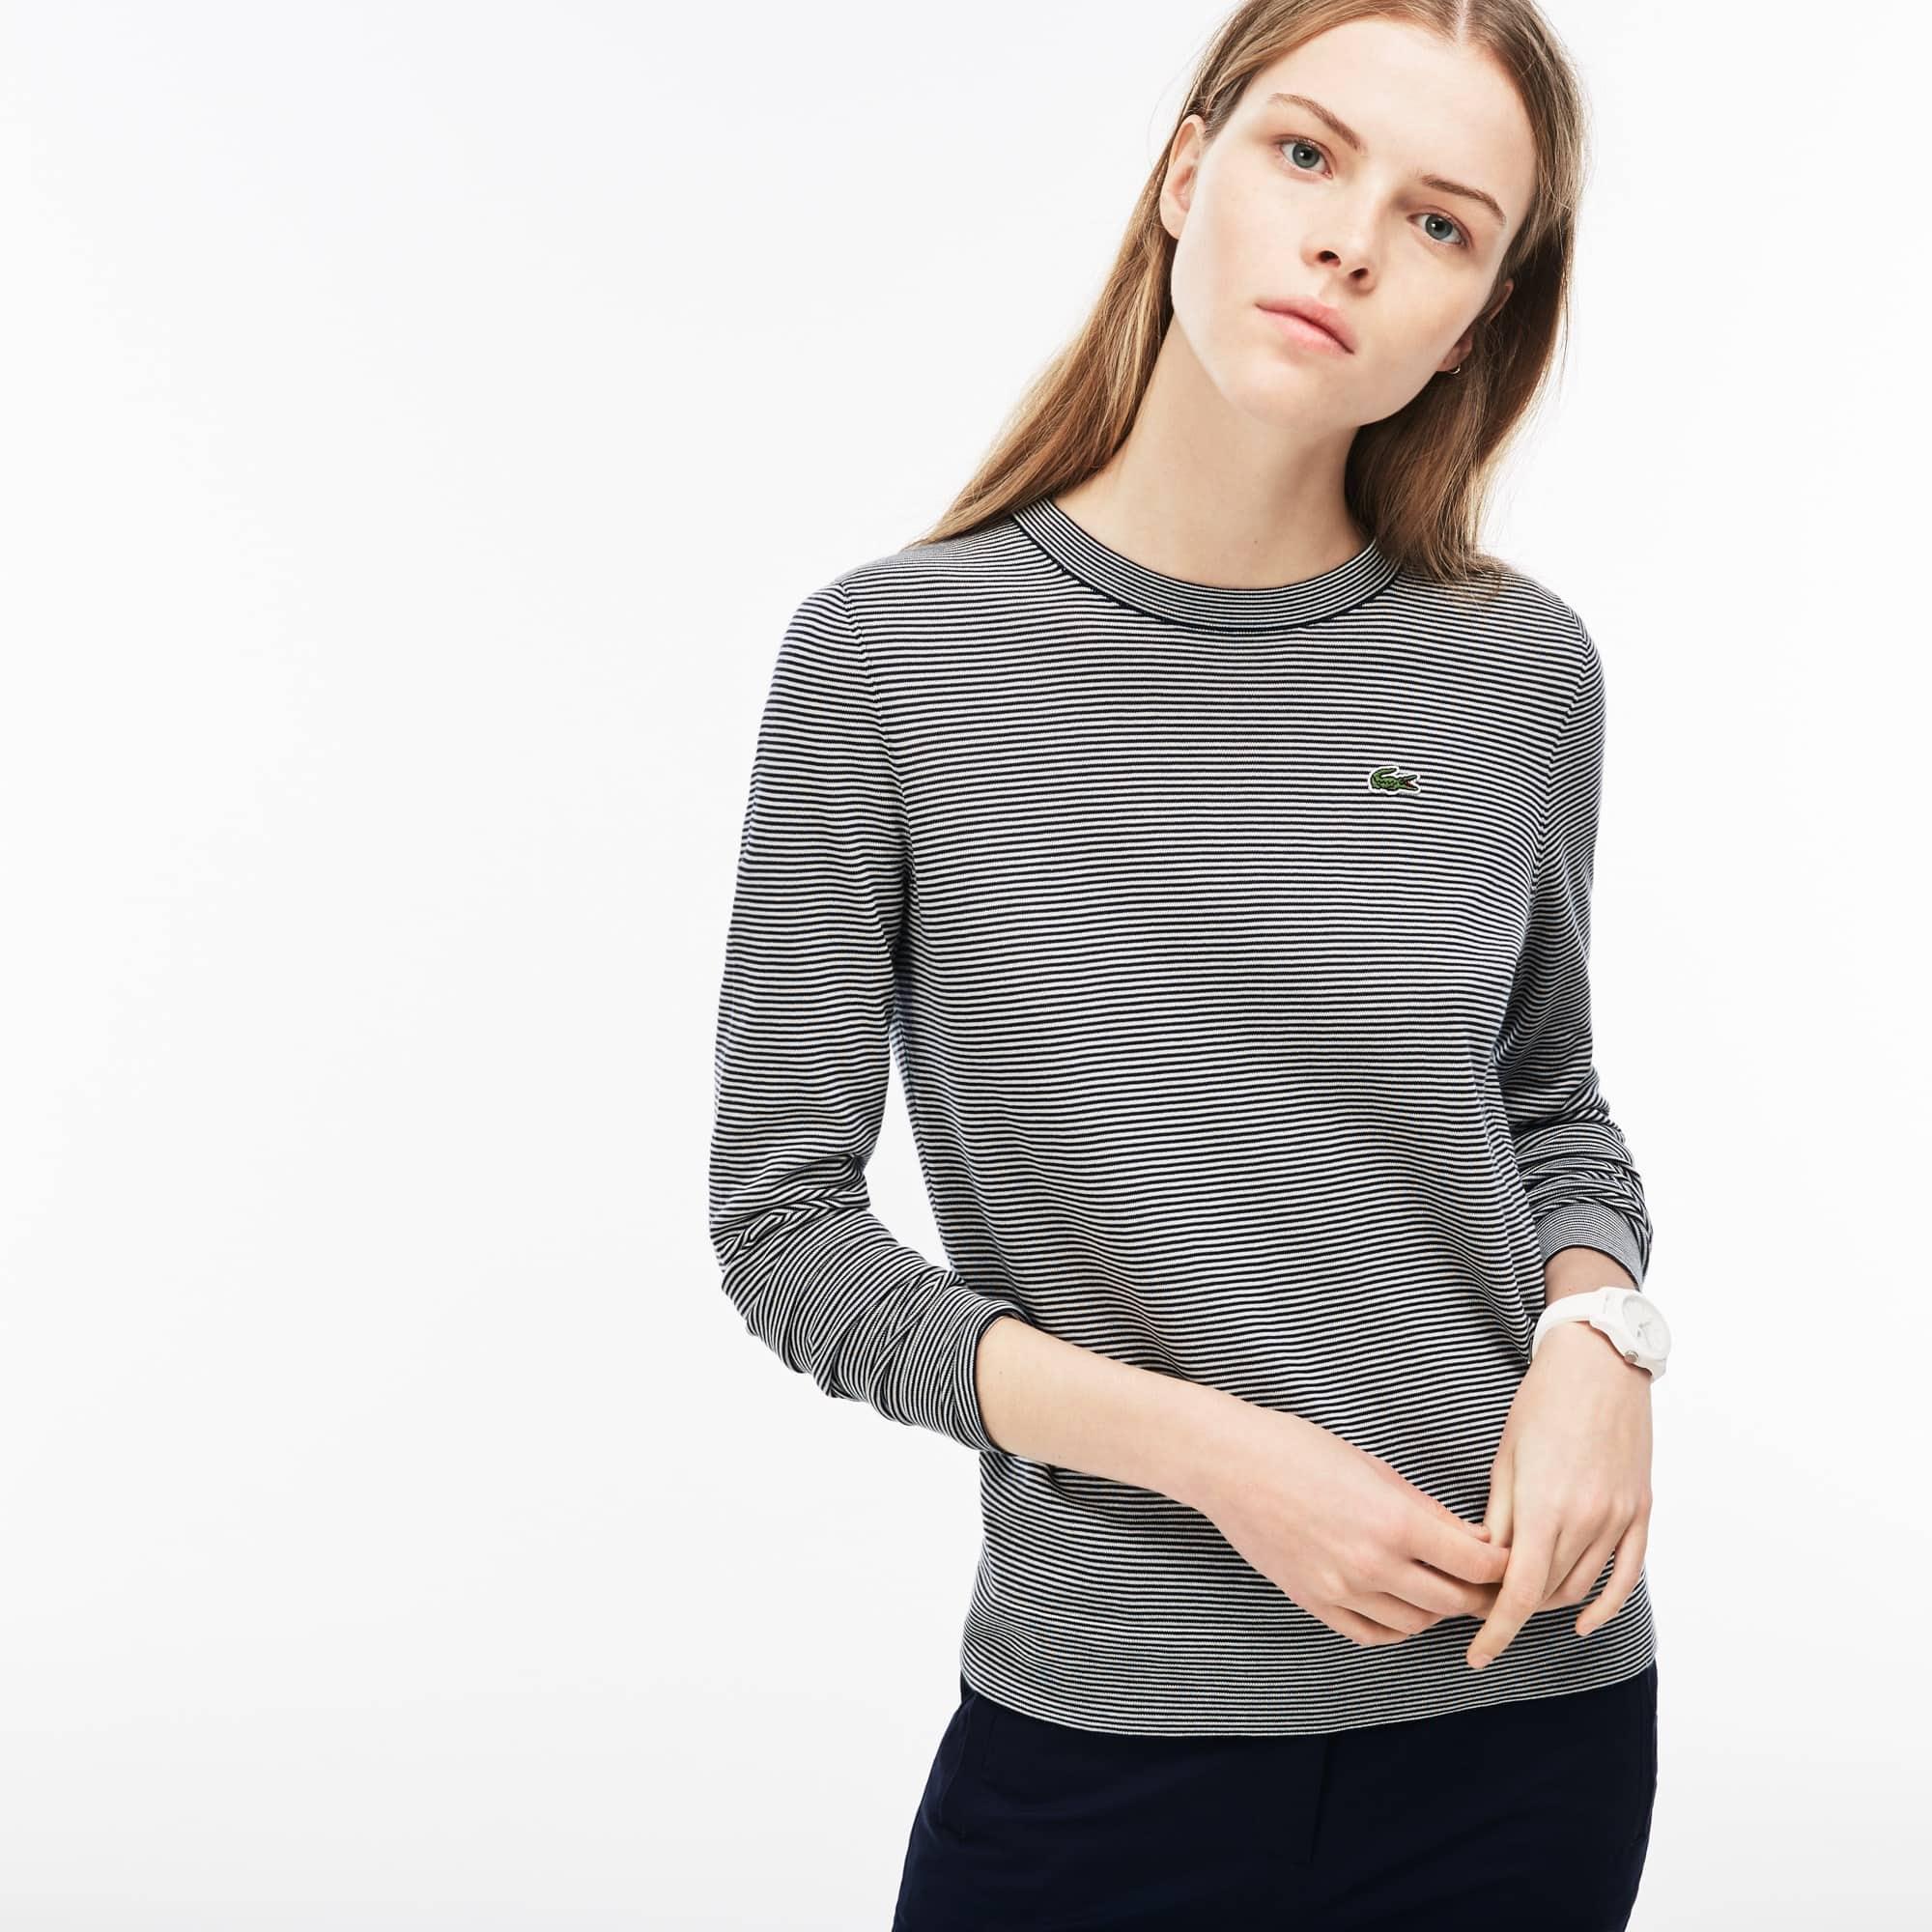 Damen-Pullover aus gestreiftem Baumwolljersey mit Stehkragen